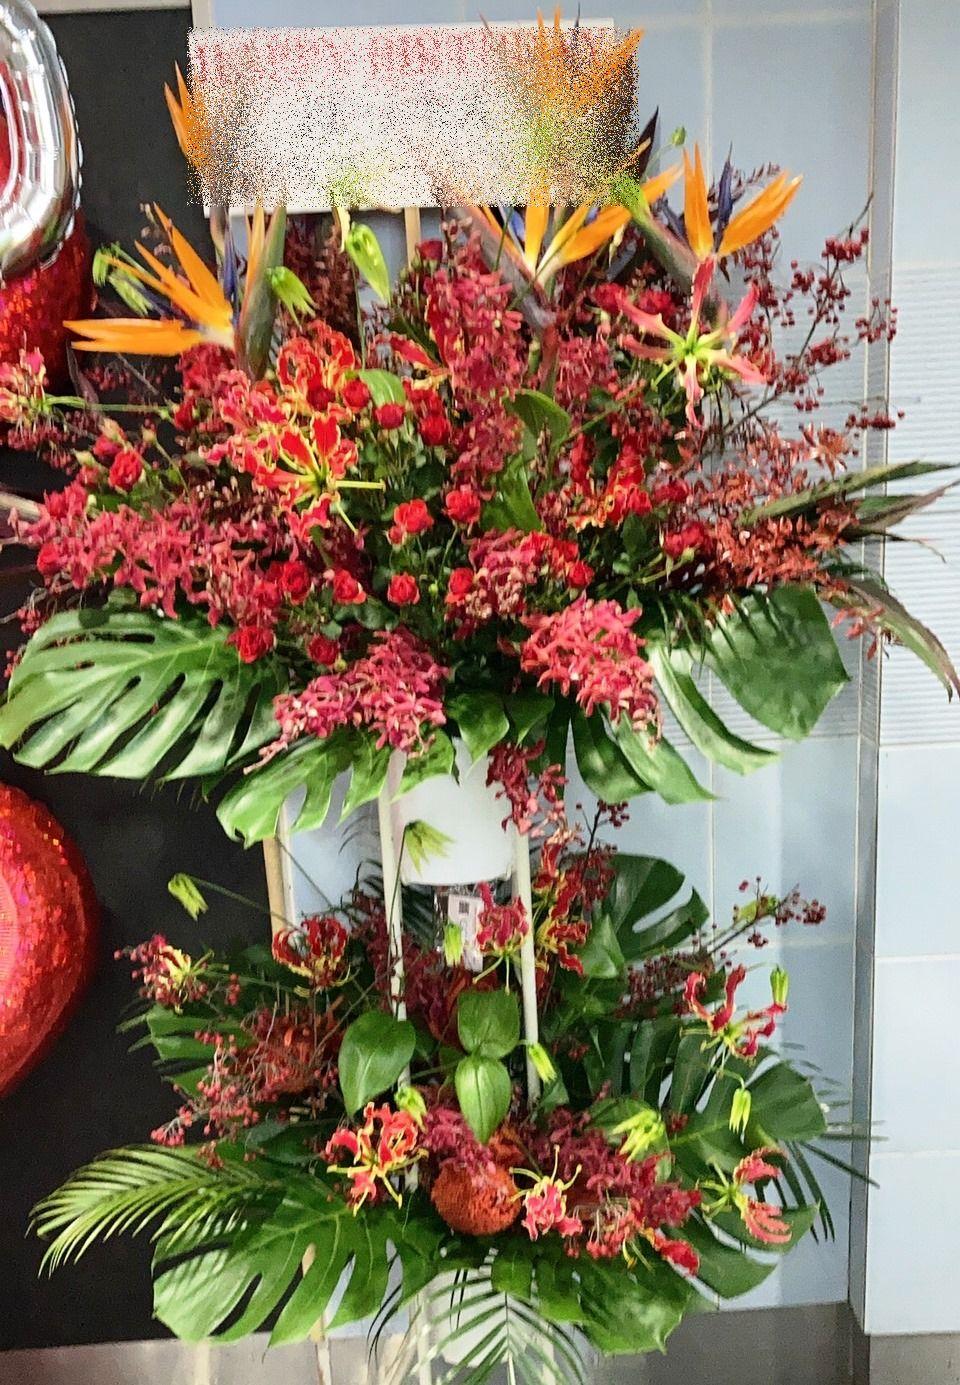 横浜市西区南幸へスタンド花を即日当日配達しました。【横浜花屋の花束・スタンド花・胡蝶蘭・バルーン・アレンジメント配達事例794】